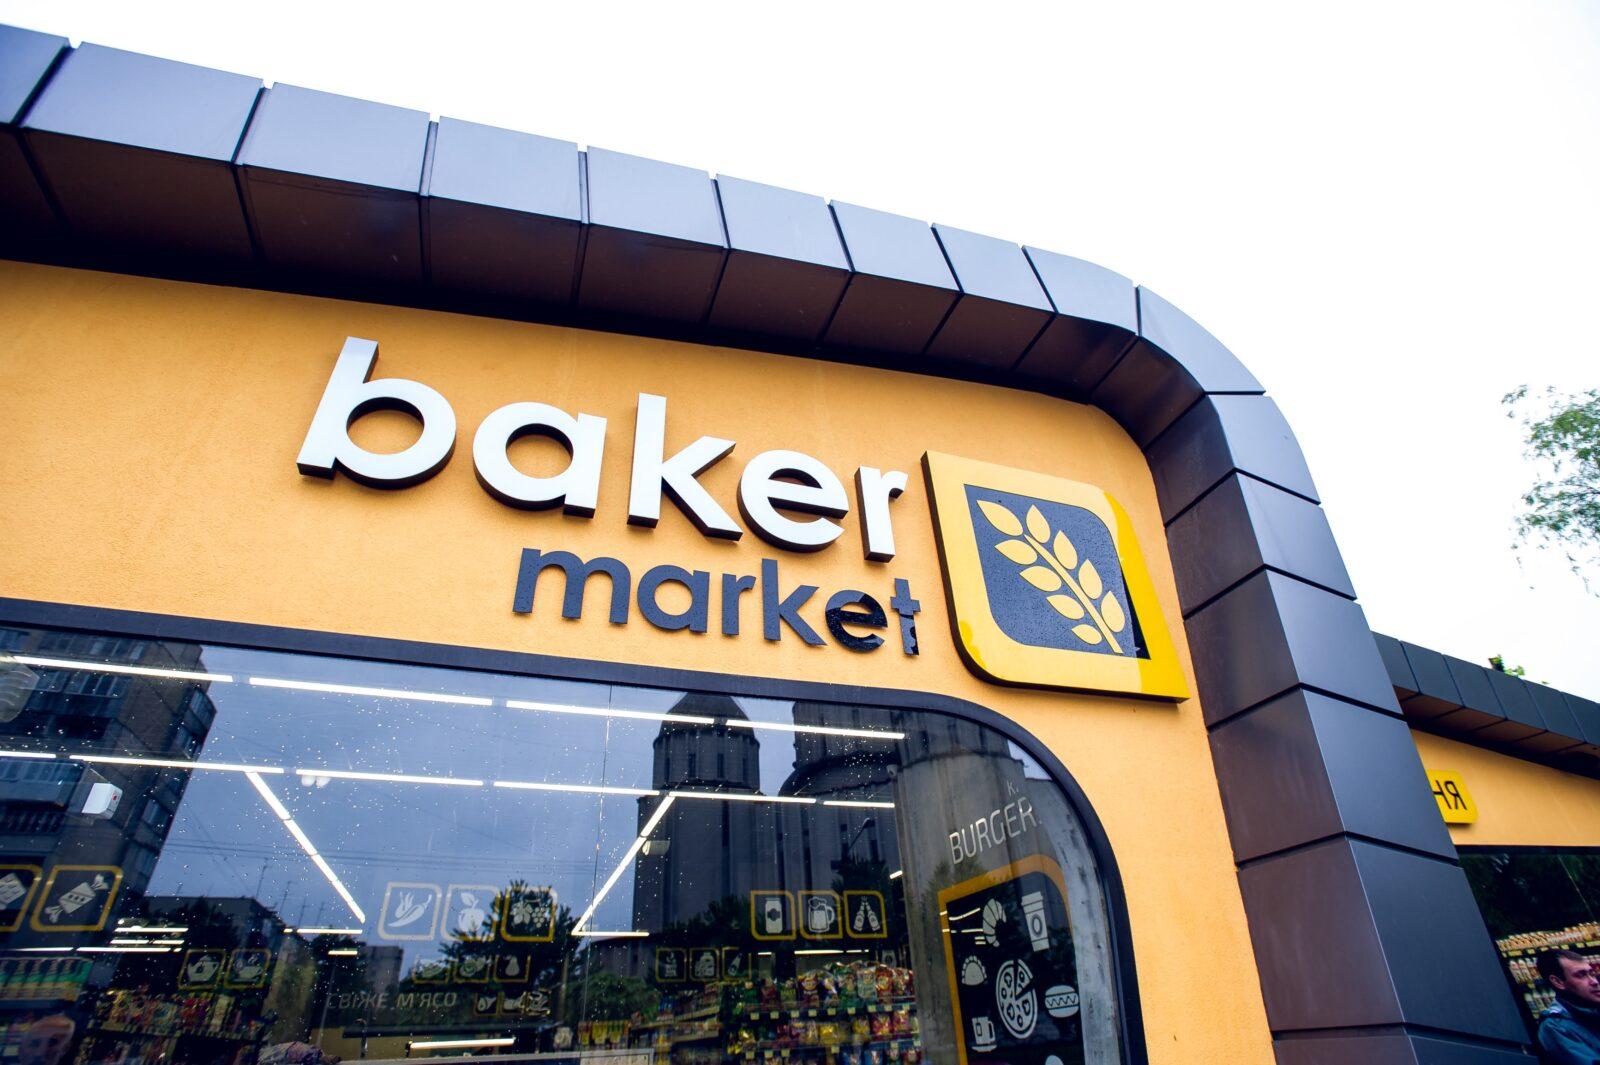 baker market